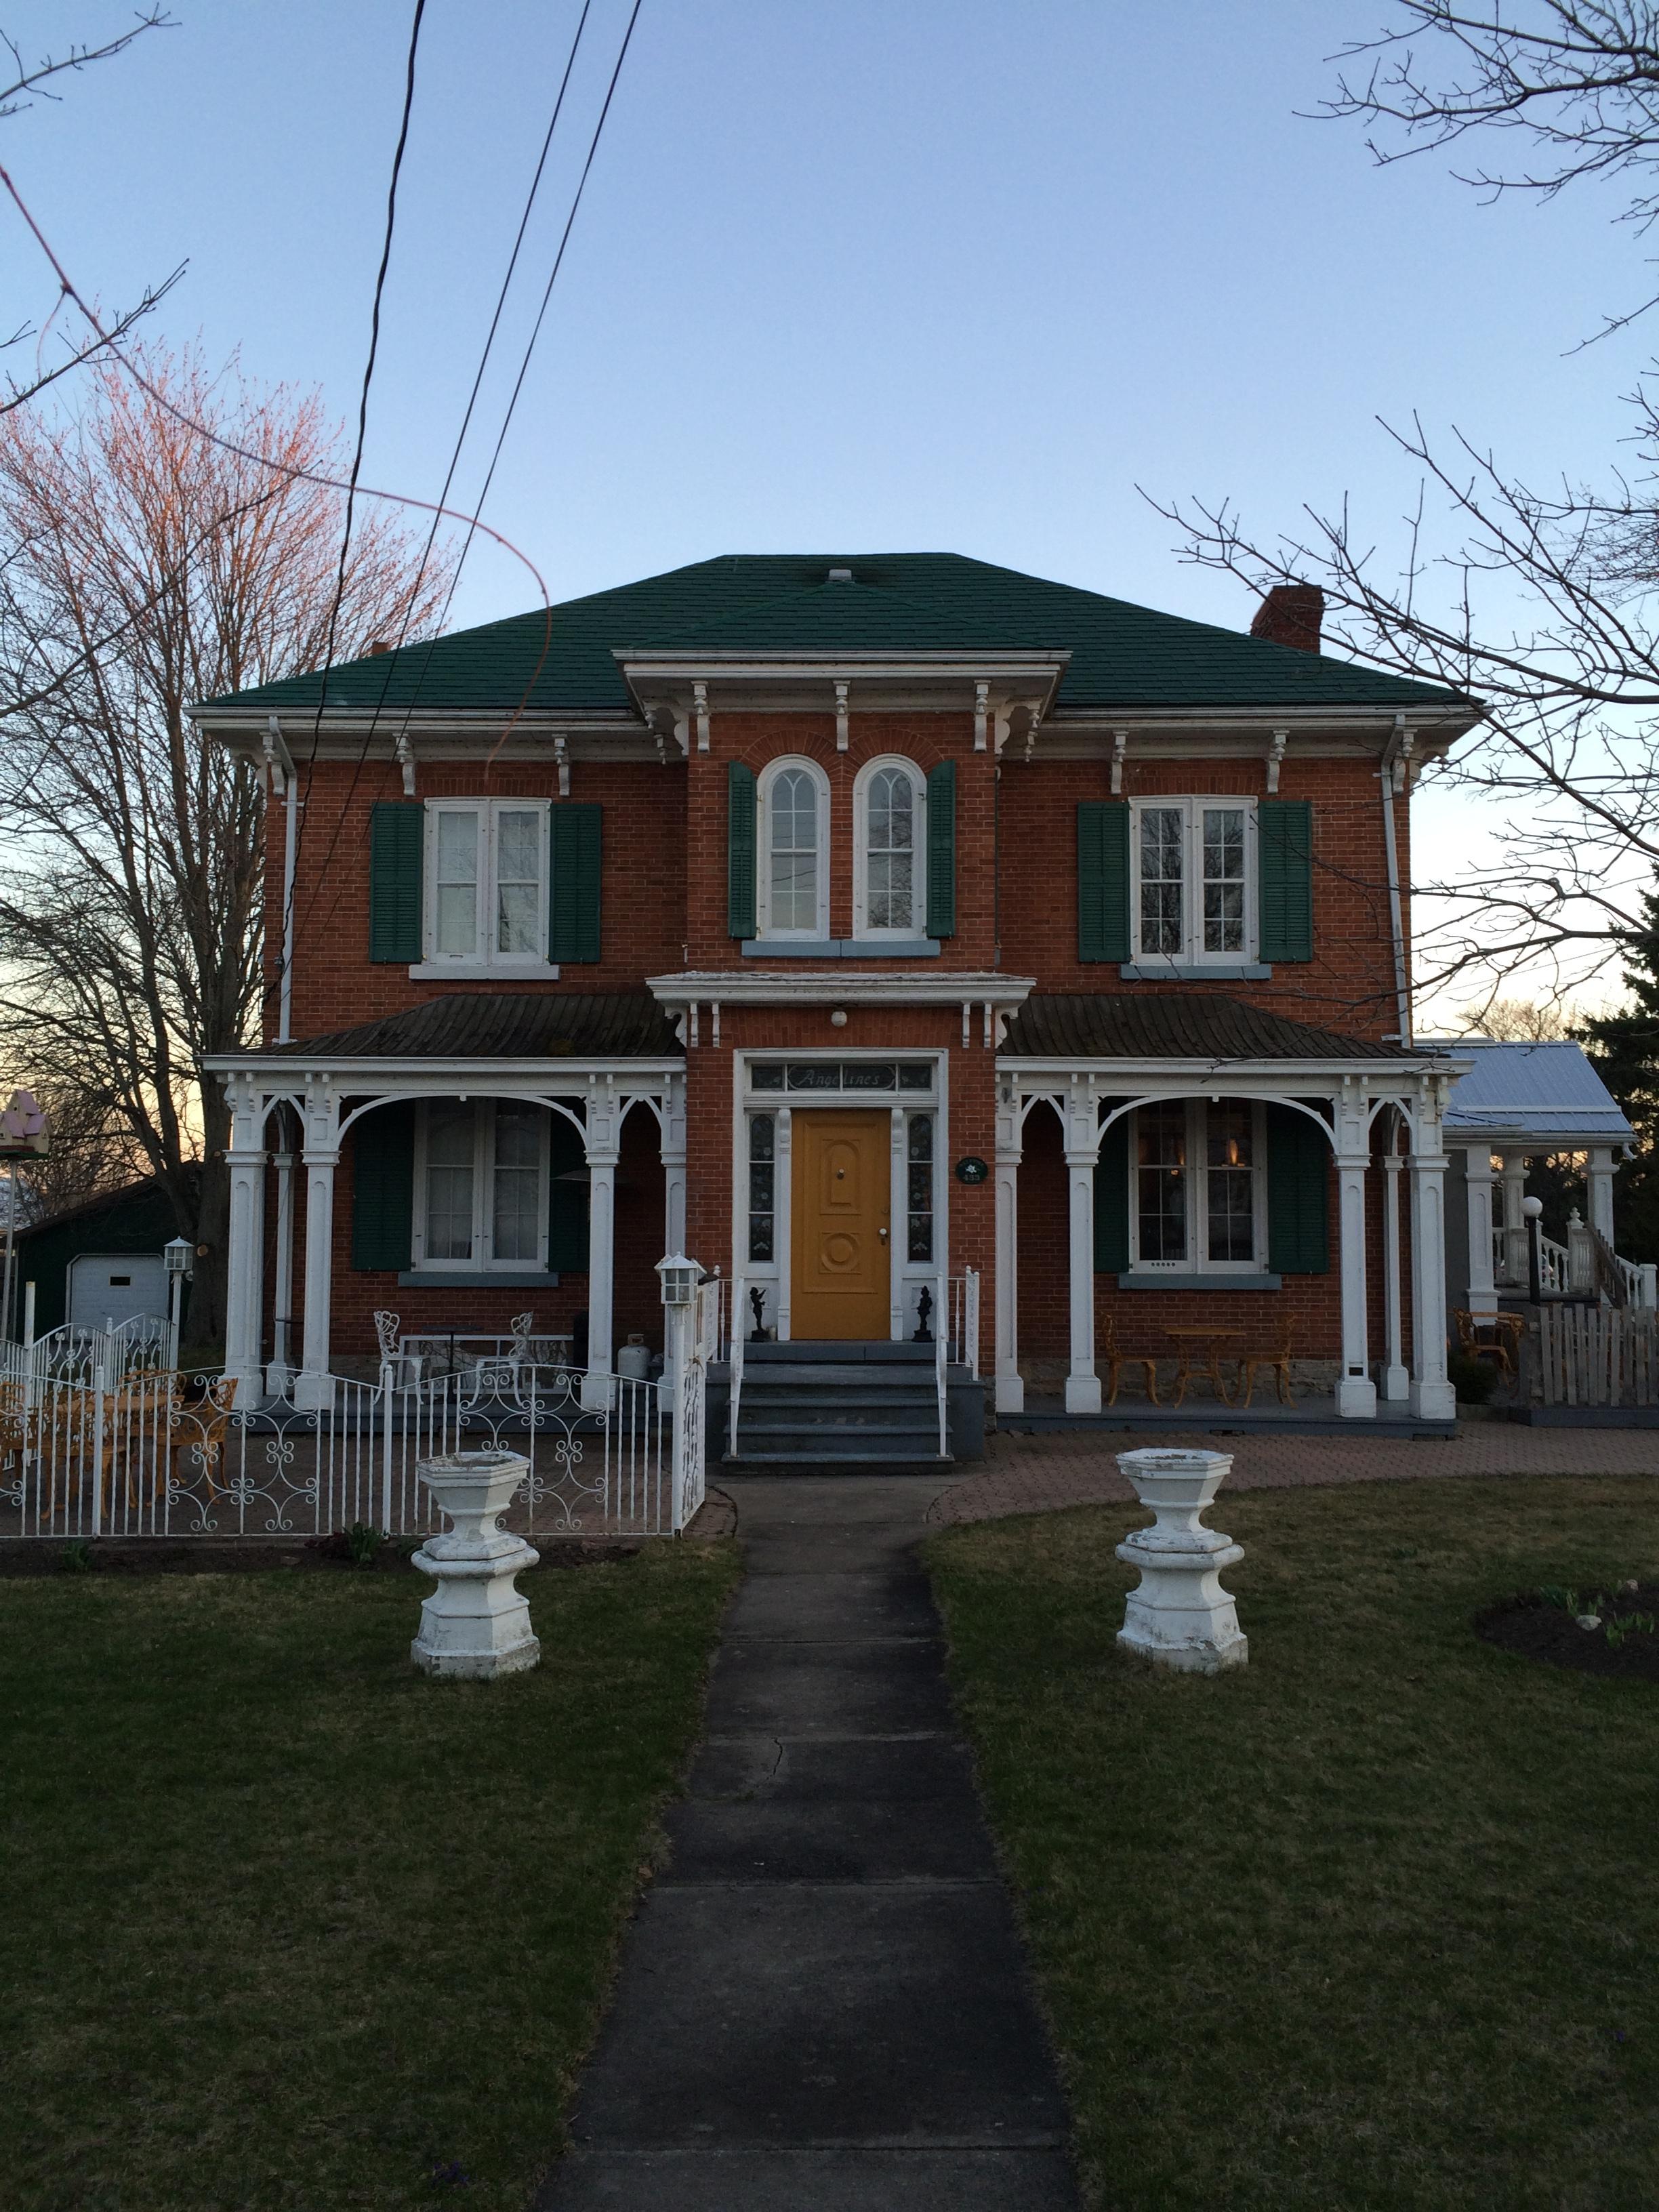 Angeline's Inn